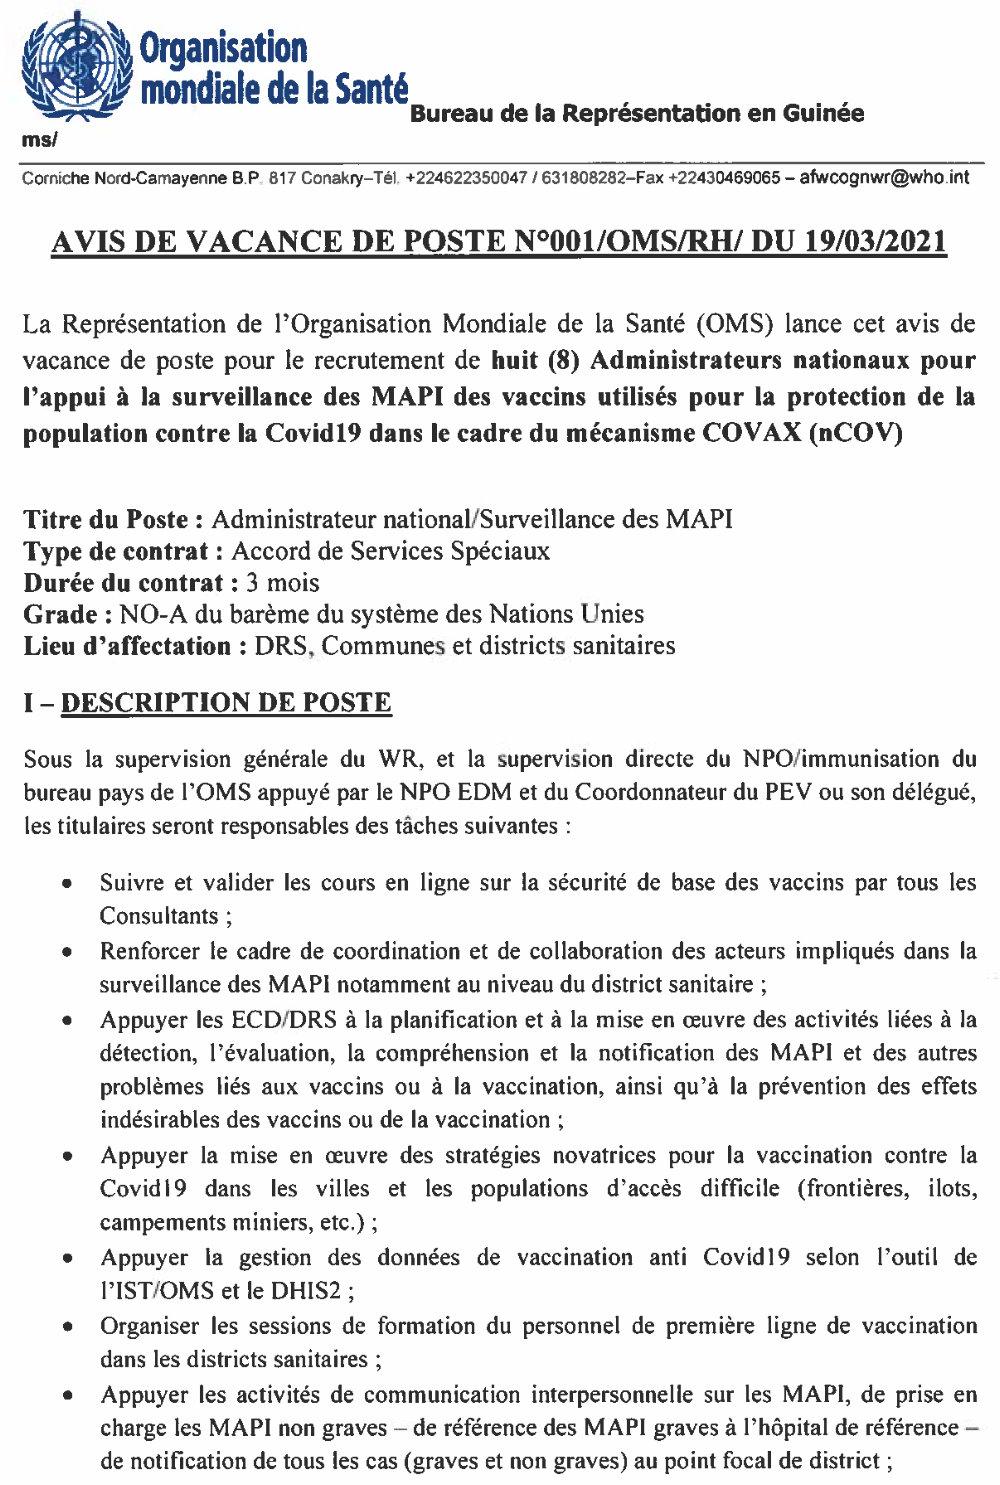 Offres d'emplois en guinée OMS Santé 1